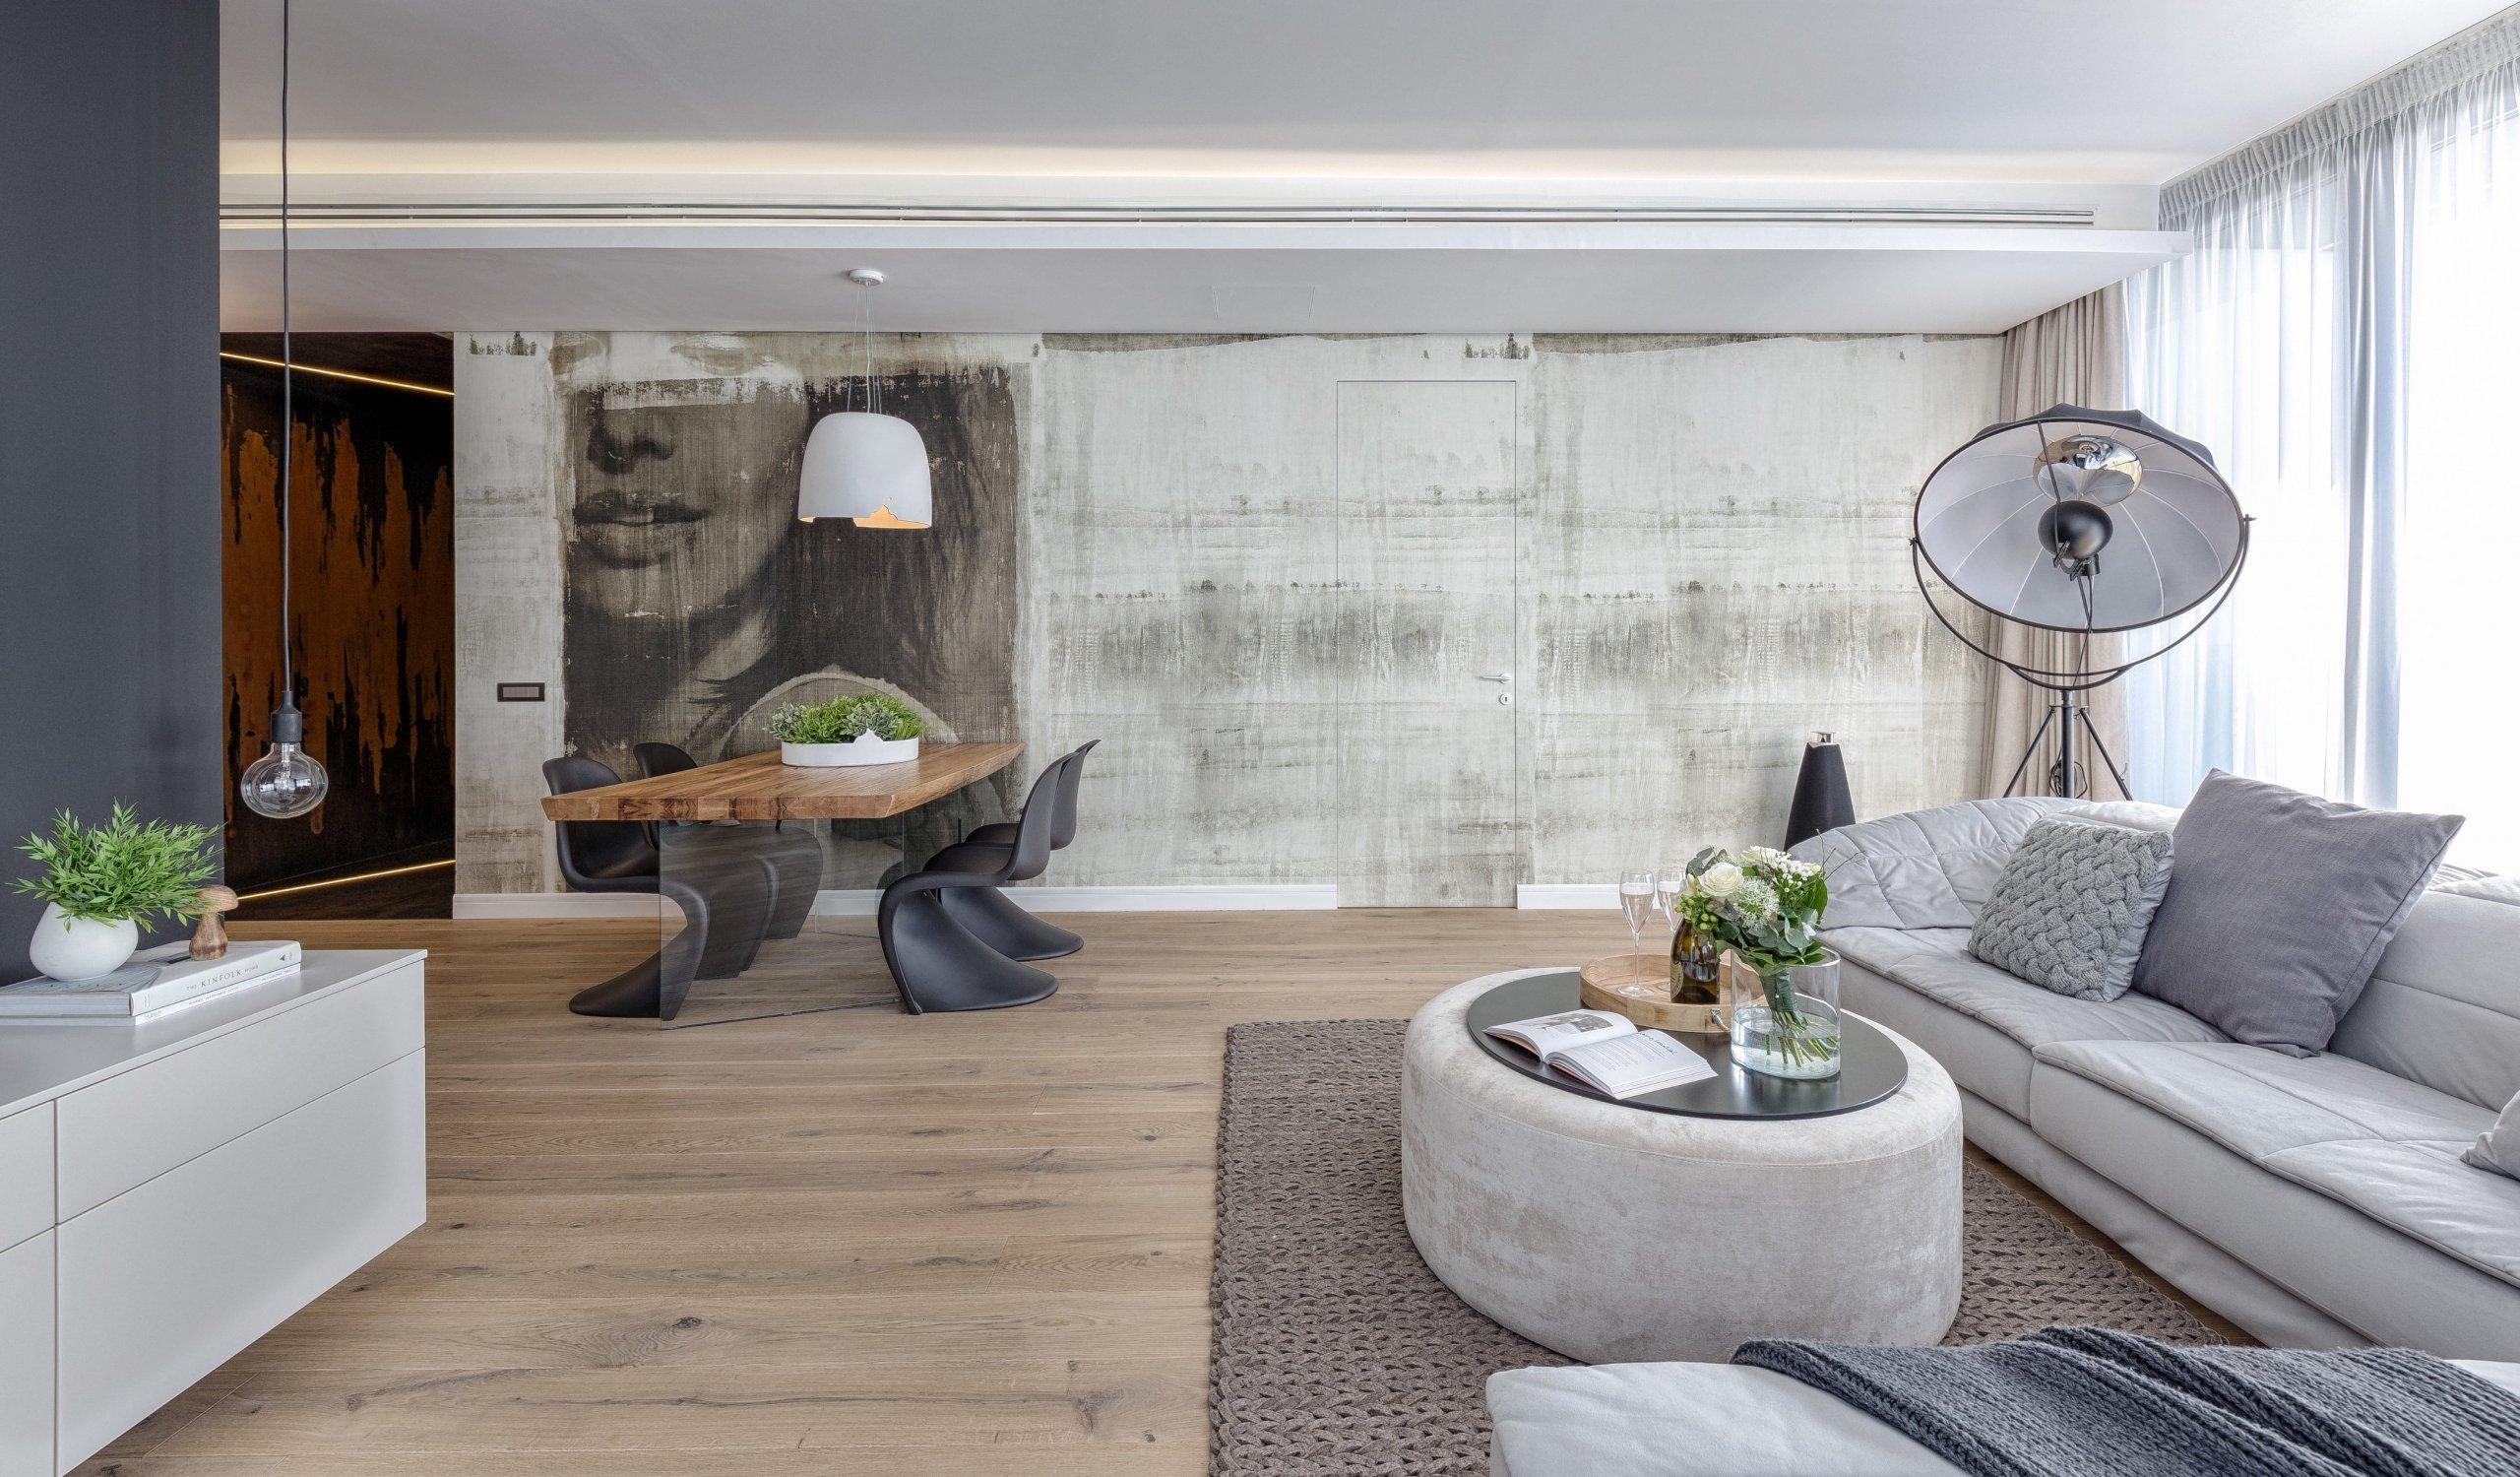 Přáli jste si bydlet v bytě, ze kterého budete mít skvělý výhled na okolí – a navíc bude prostorný? V tom případě byste se měli podívat na tento ateliérový byt (jinak zvaný penthouse), který se nachází v Bukurešti. Zamilujete si jej nejen díky světlým prostorům, ale i nápaditému provedení, které spojuje přírodní materiály s umělými.